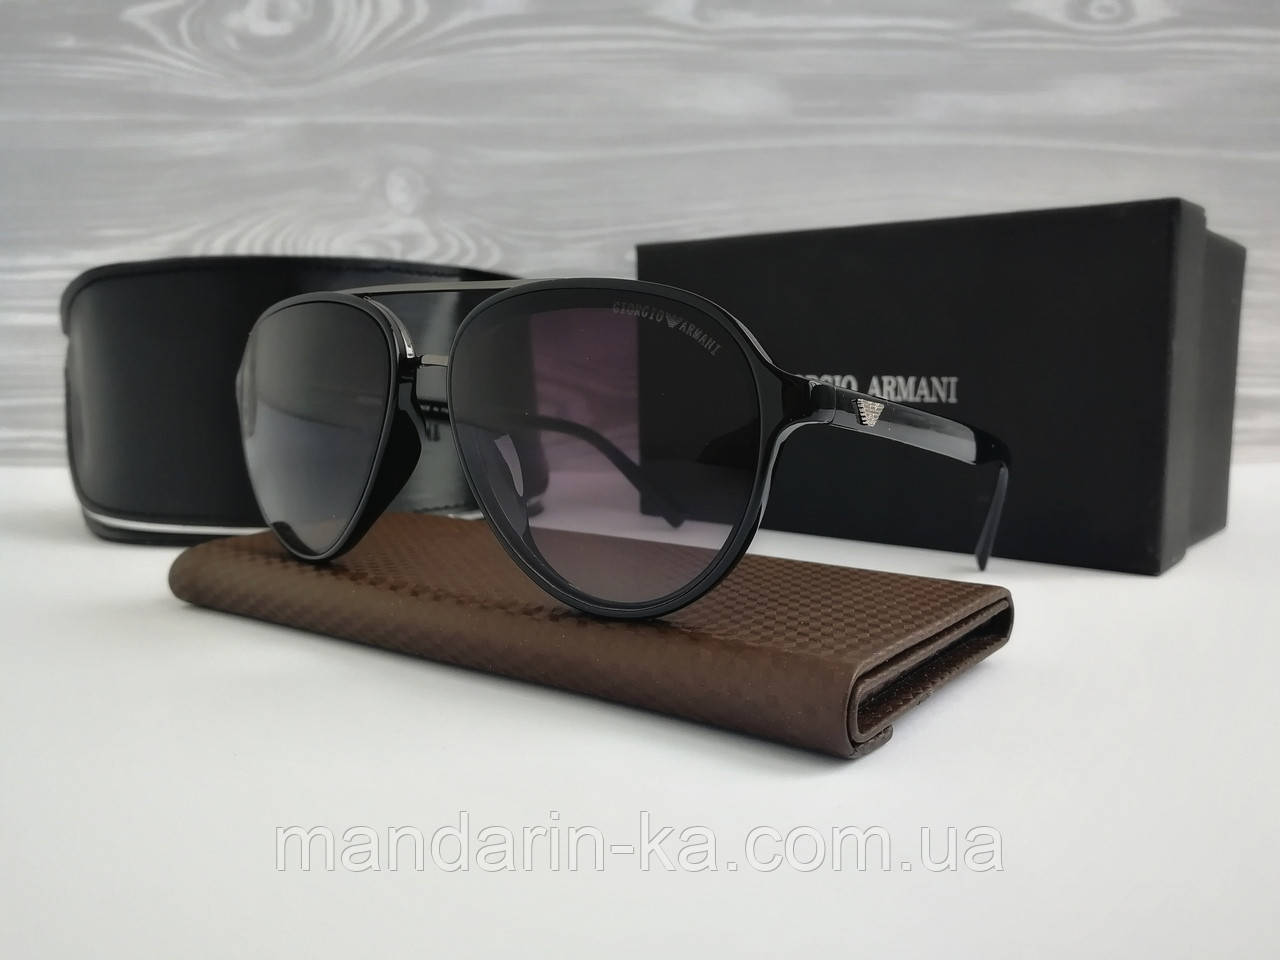 Мужские солнцезащитные очки реплика